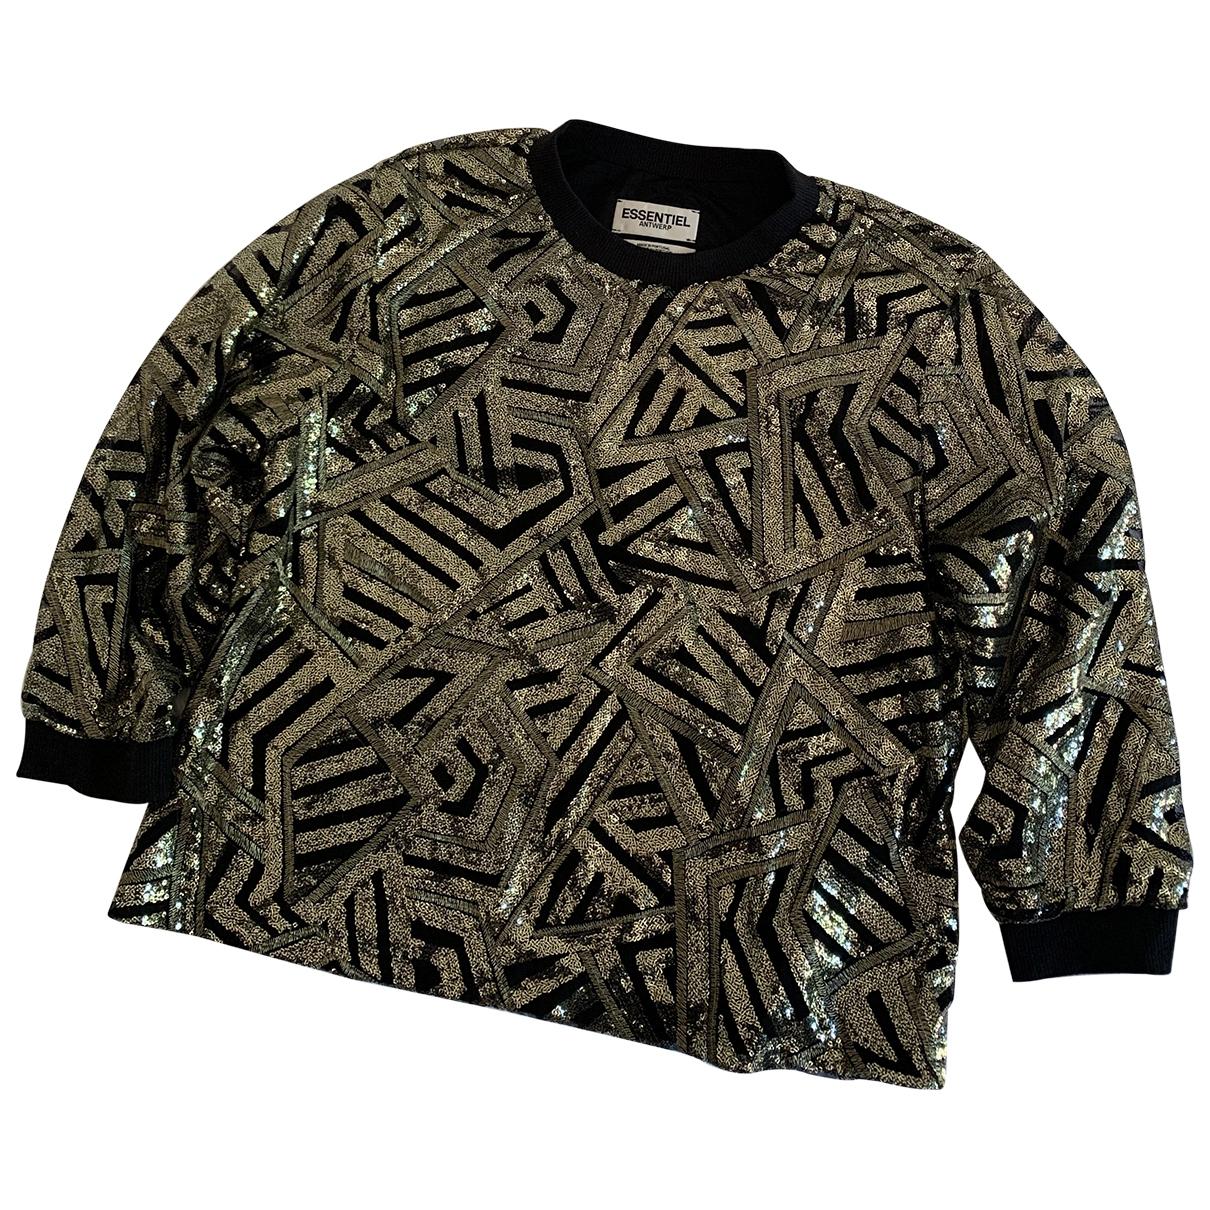 Essentiel Antwerp \N Gold Knitwear for Women 40 IT